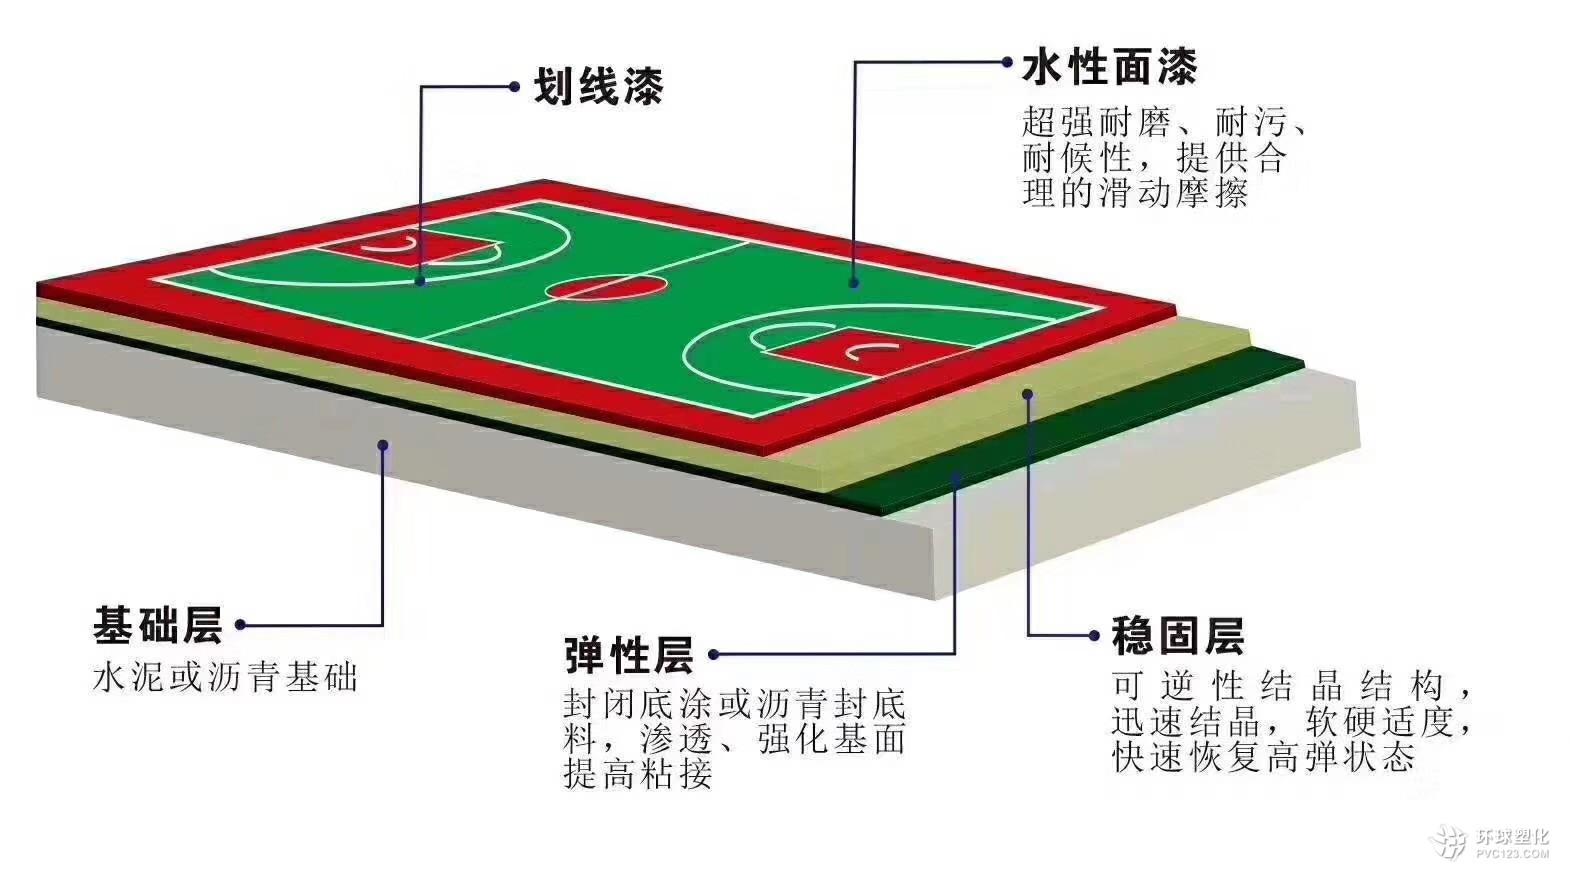 天津篮球场一般都用什么材料